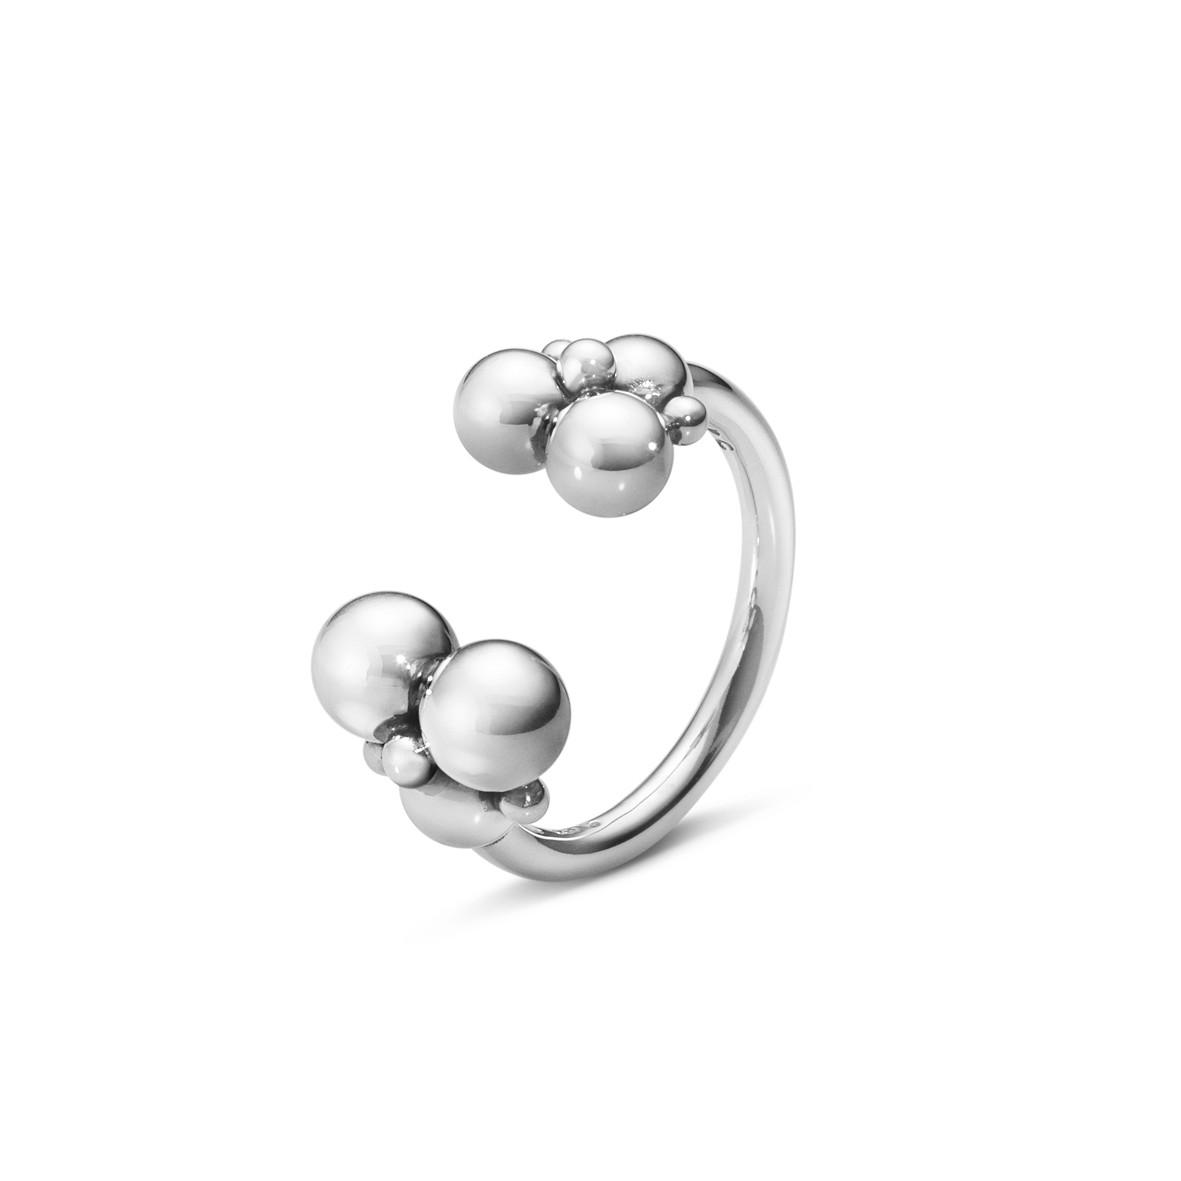 Georg Jensen Grape ring 511J - 10014408 Størrelse 51